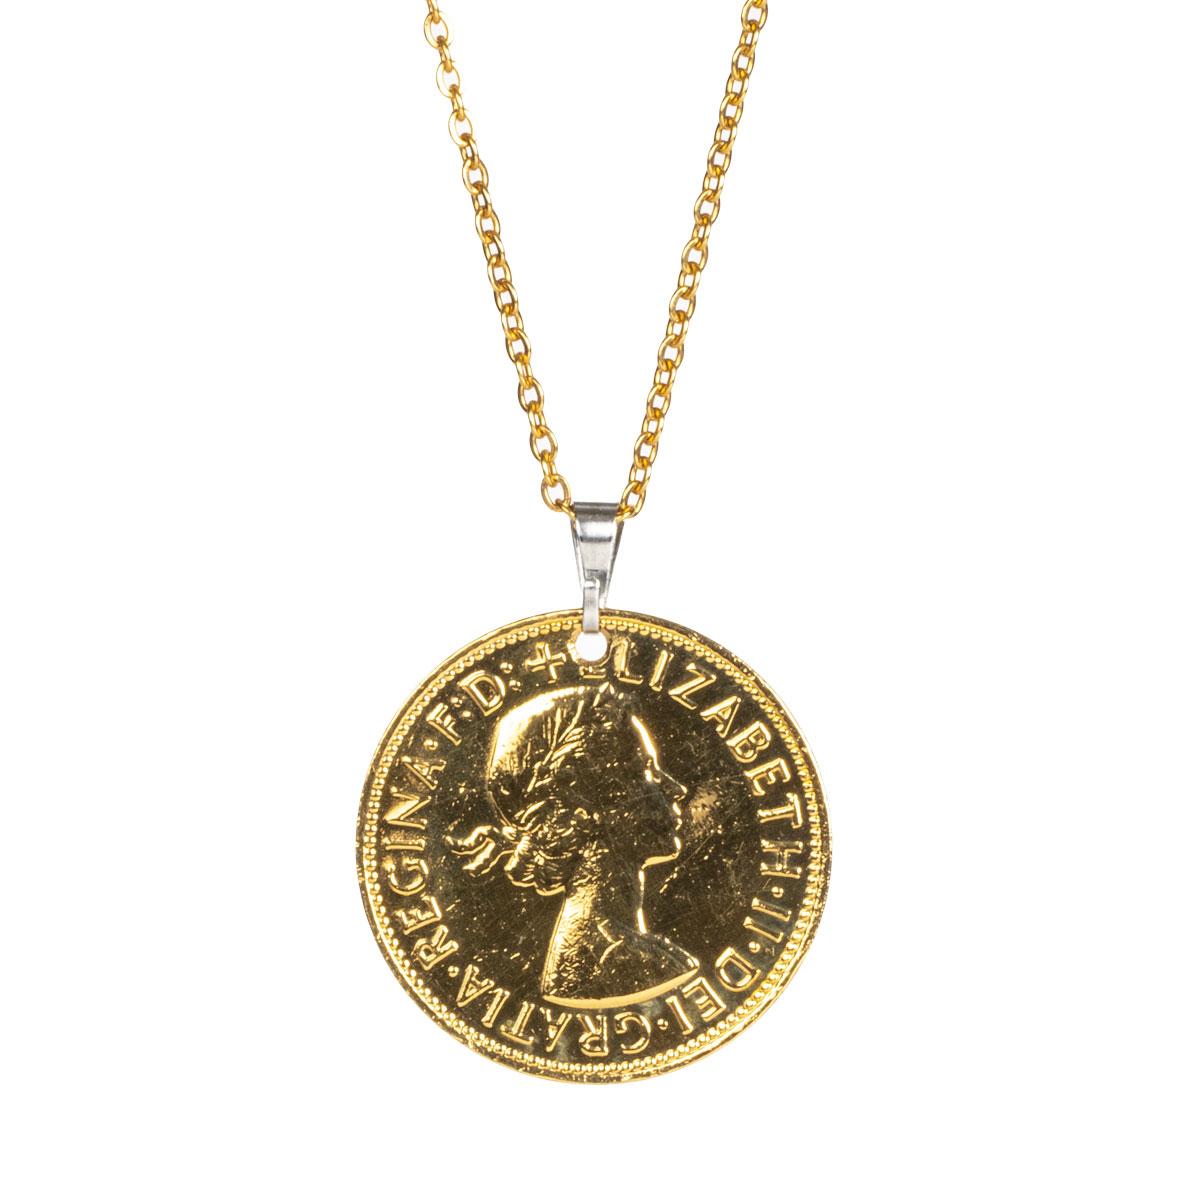 Elite Luxury One Penny Pendant